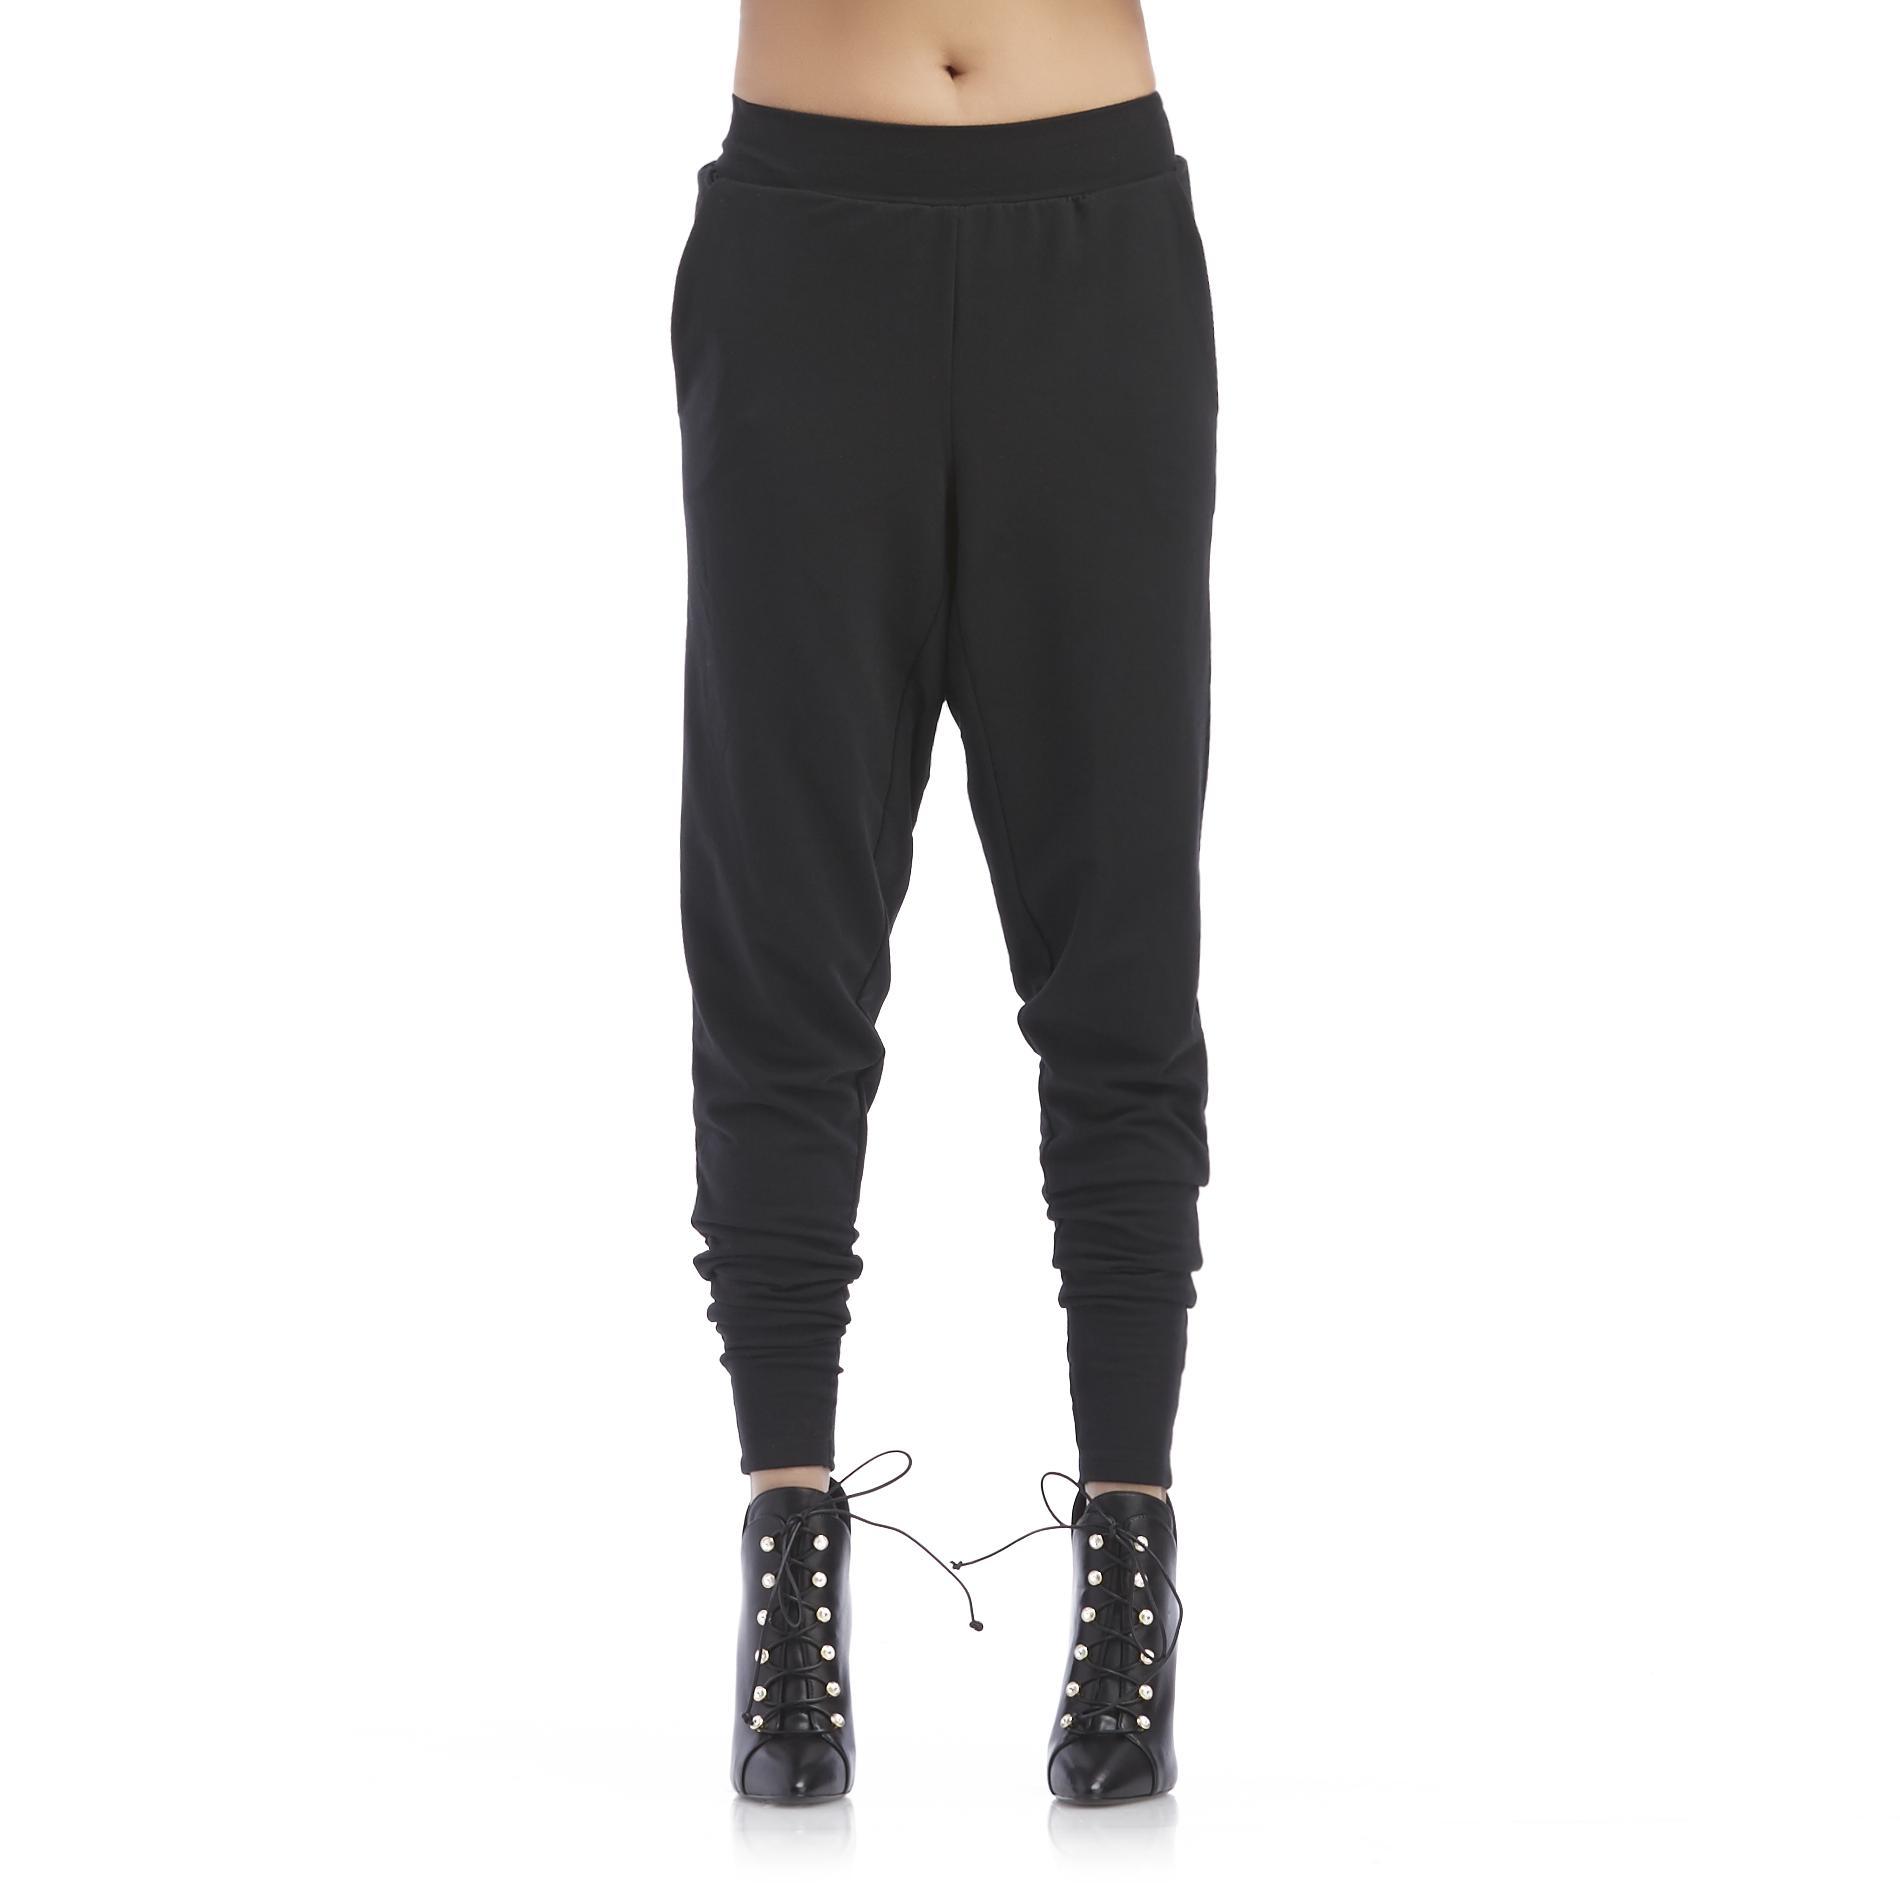 Nicki Minaj Women's Harem Pants